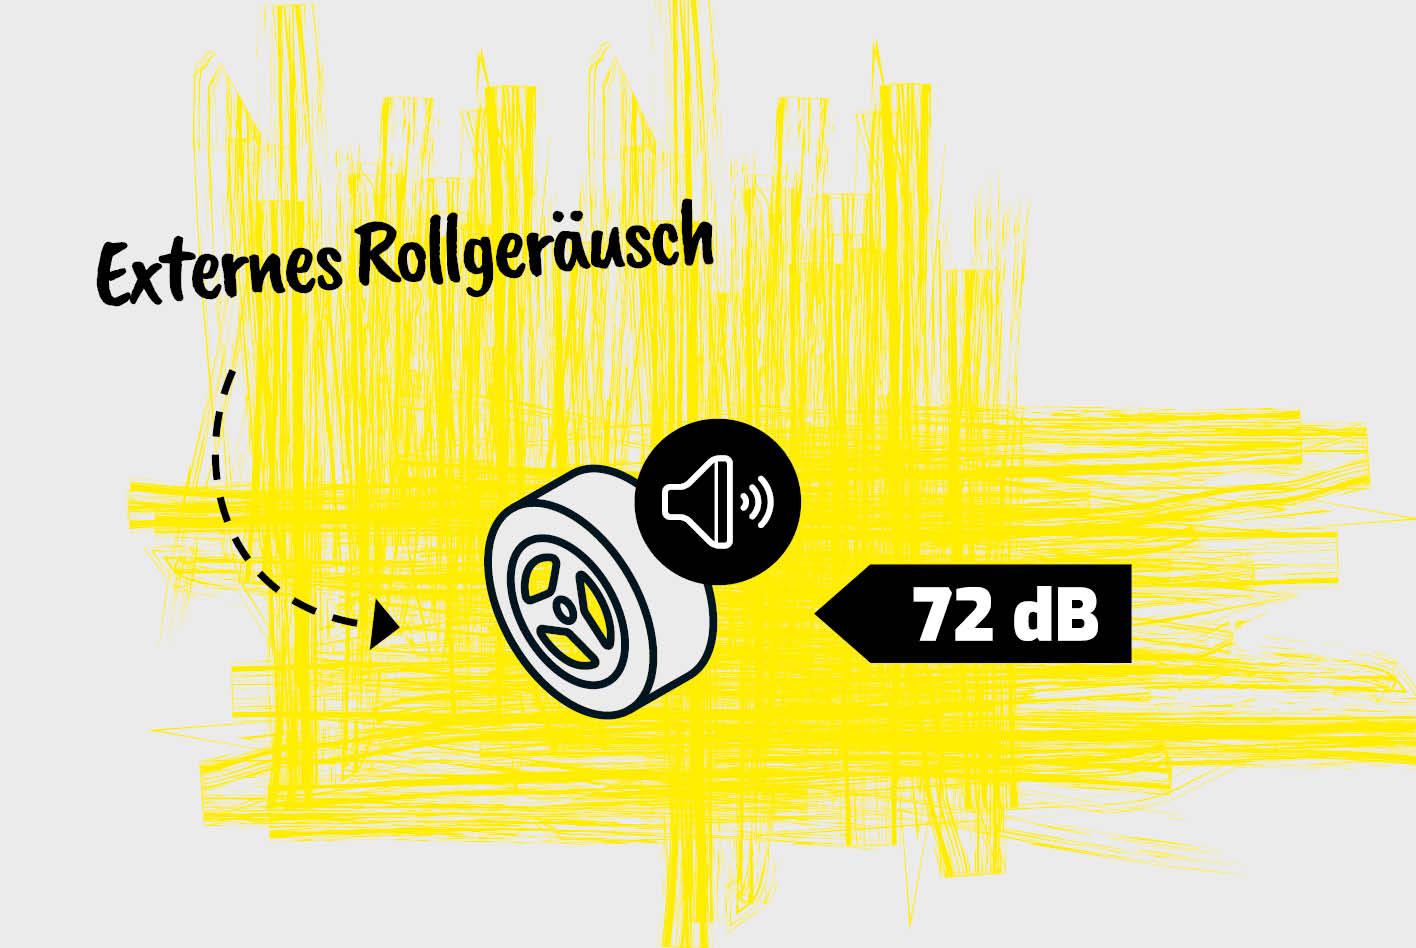 Reifenlabel: Das Rollgeräusch ist der Geräuschpegel, der vom Reifen ausgeht und wird in Dezibel angegeben.